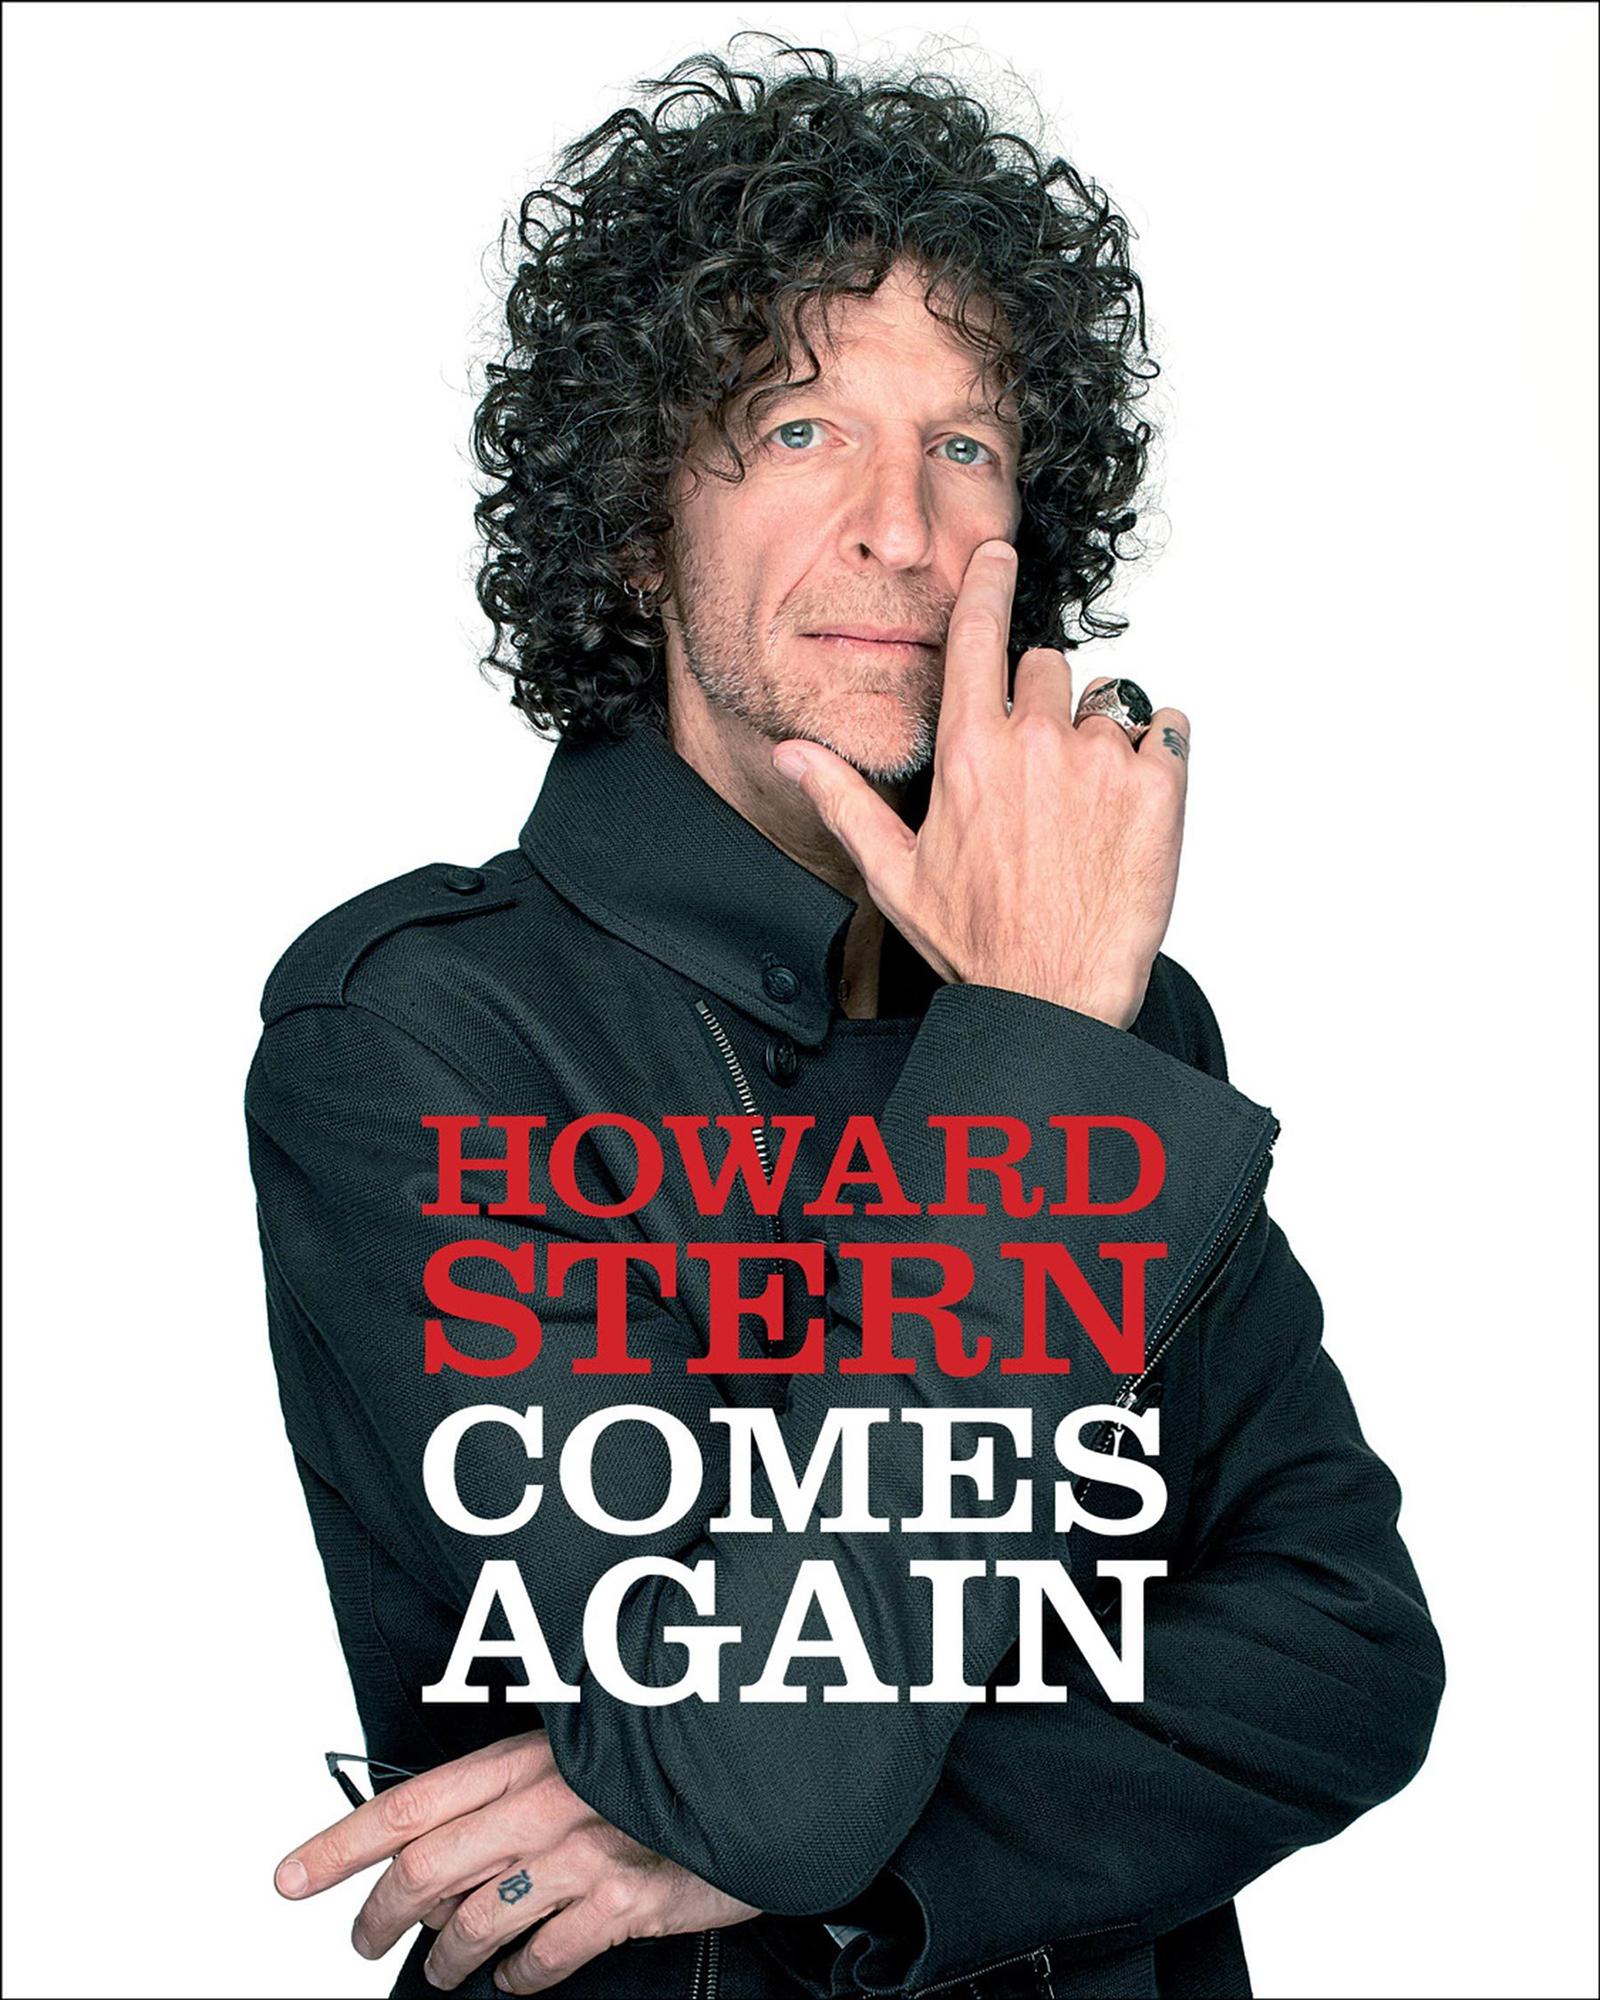 Howard-Stern-Comes-Again-howard-stern